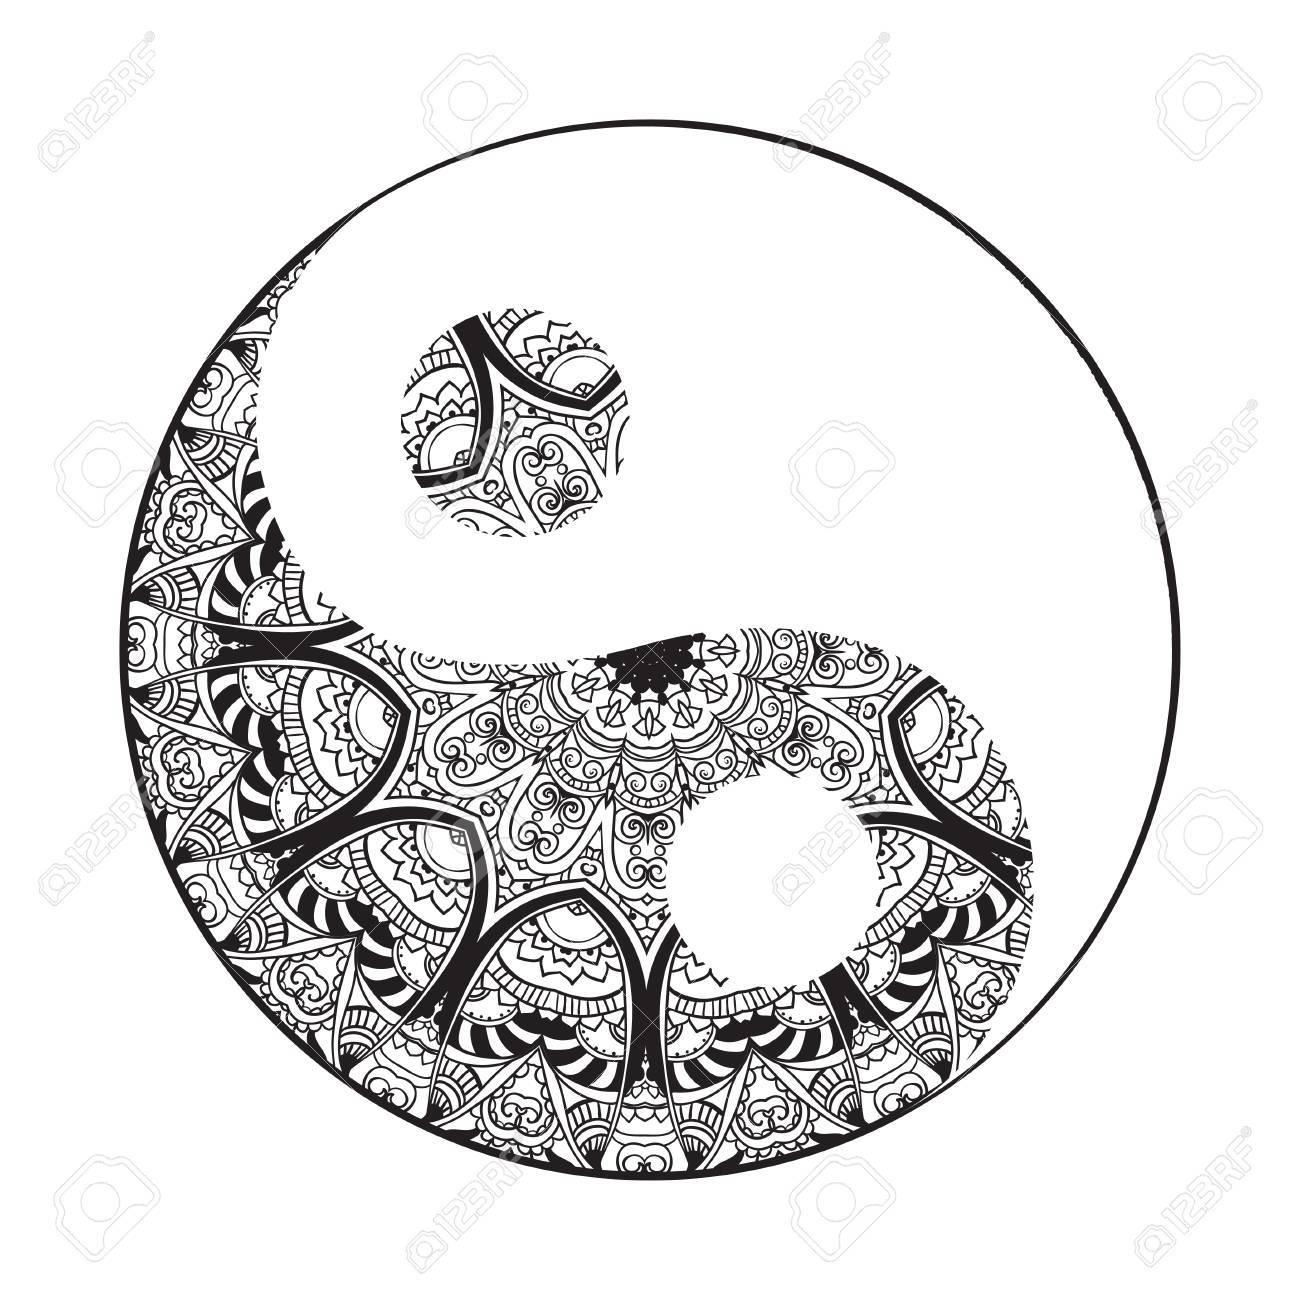 ornament card with mandala yin yang geometric circle element rh 123rf com Mandala Yin Yang Design Mandala Yin Yang Design